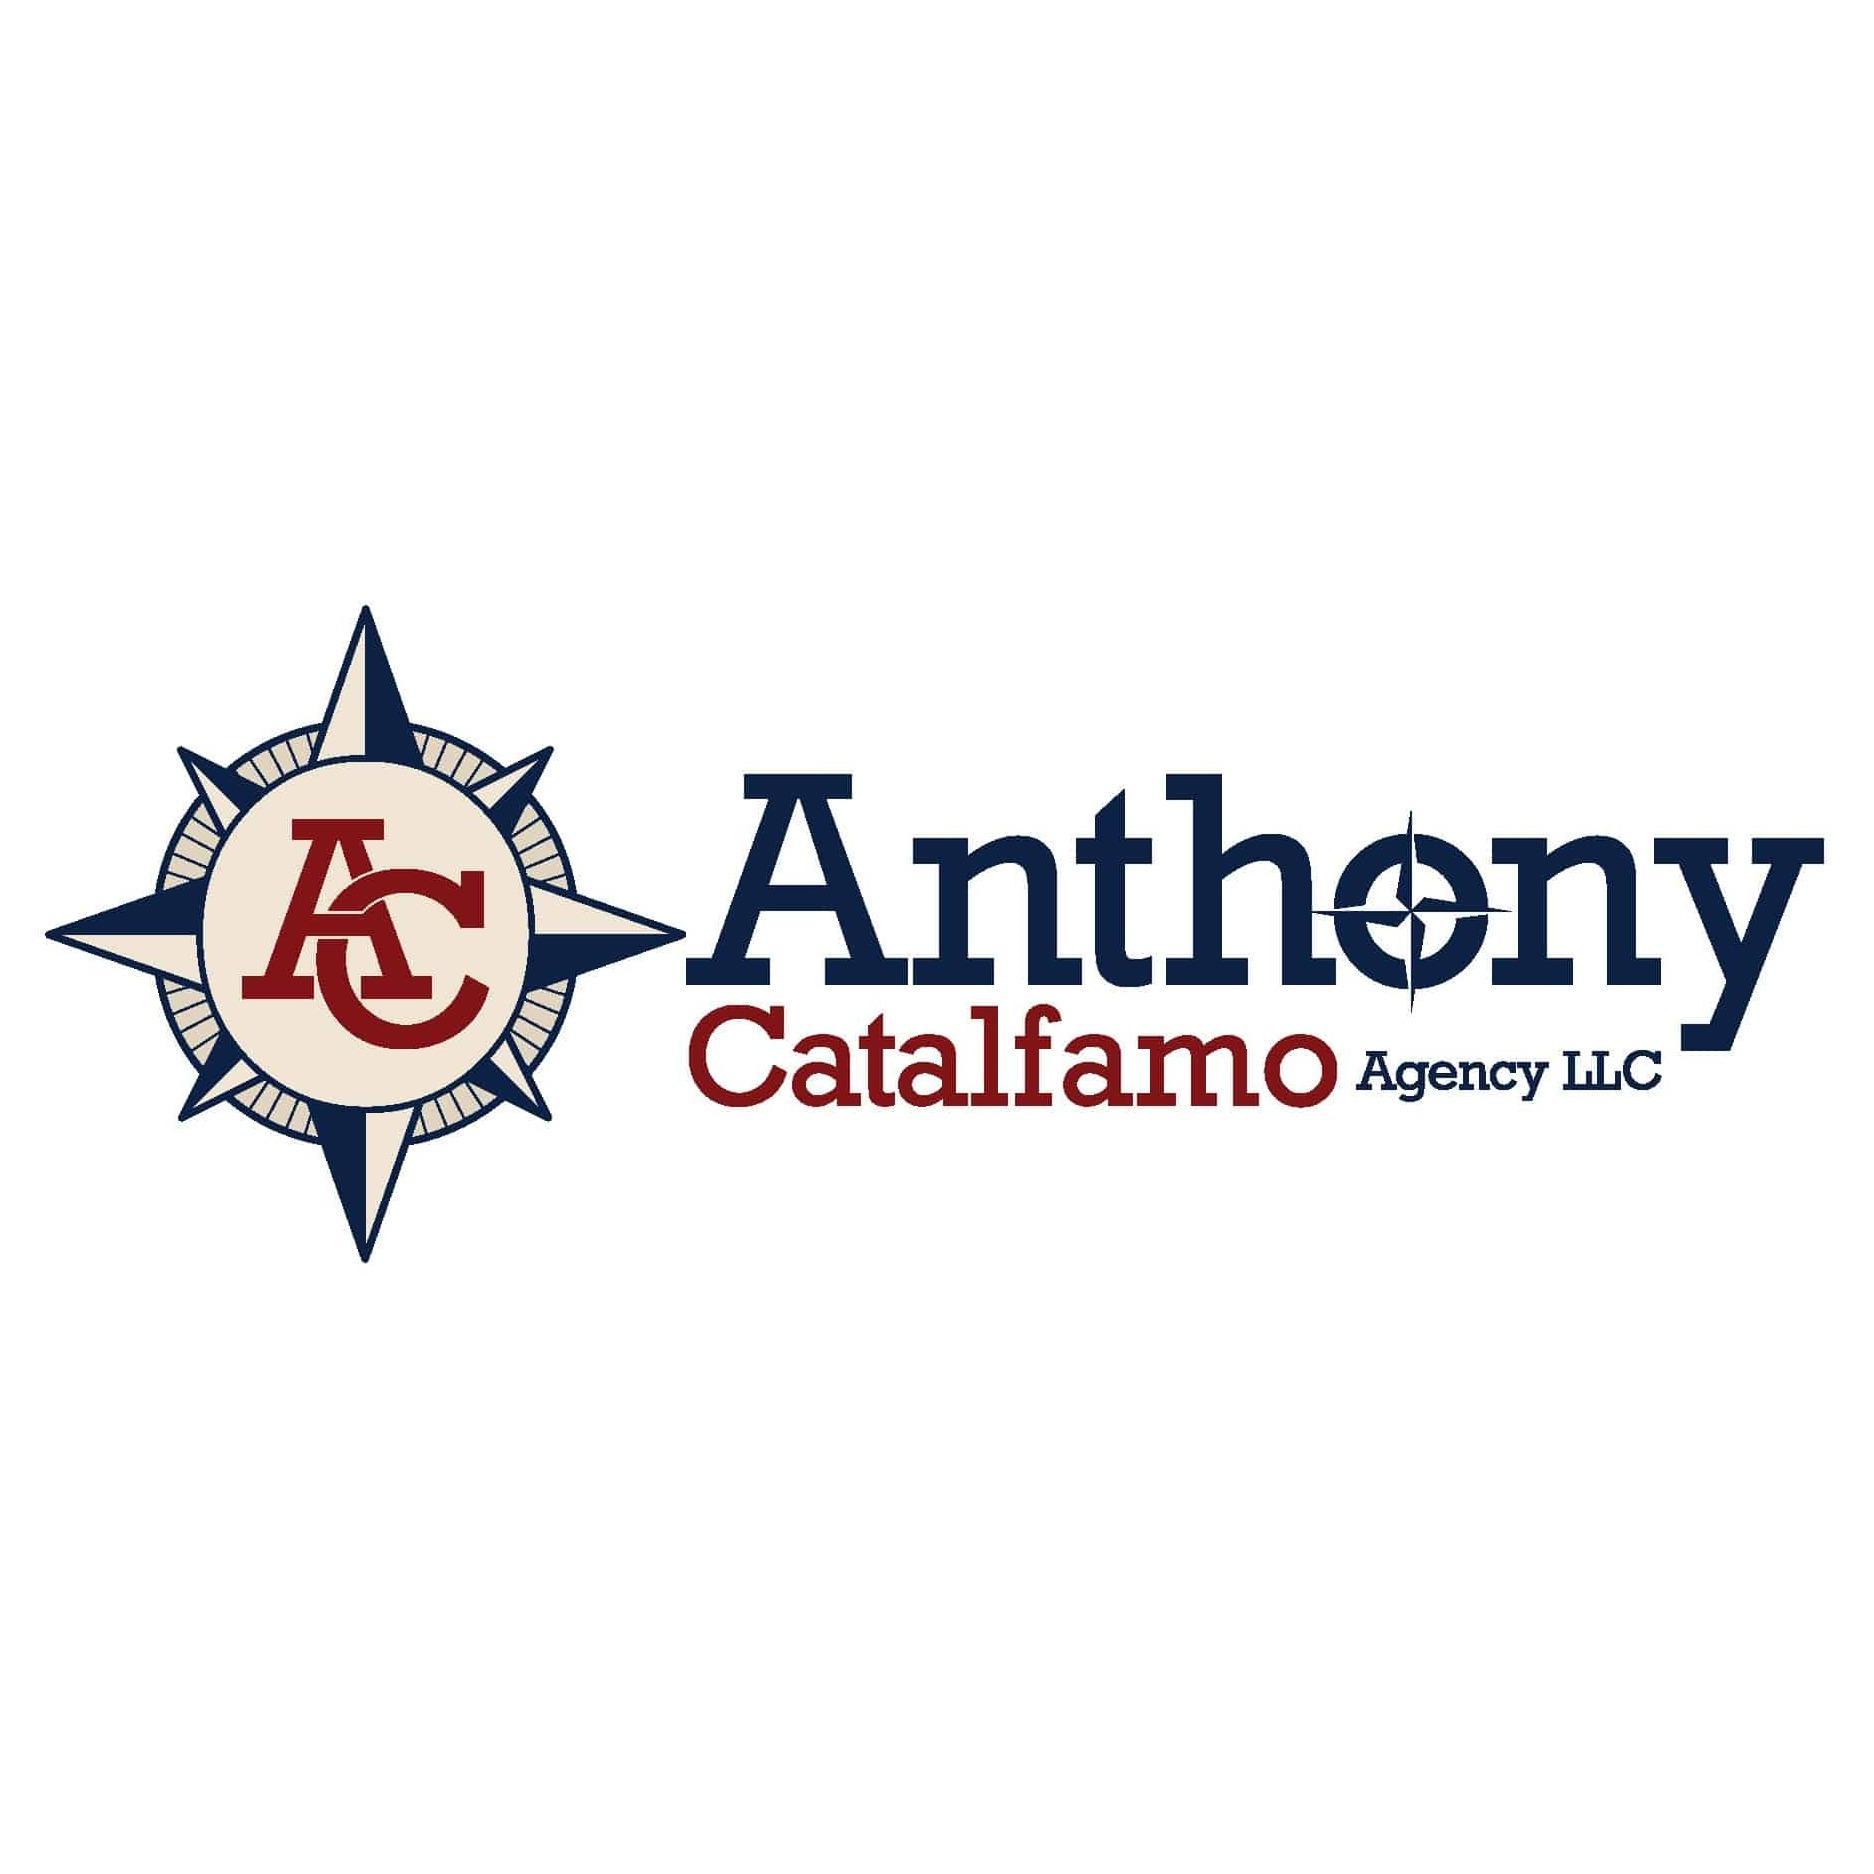 Catalfamo Agency